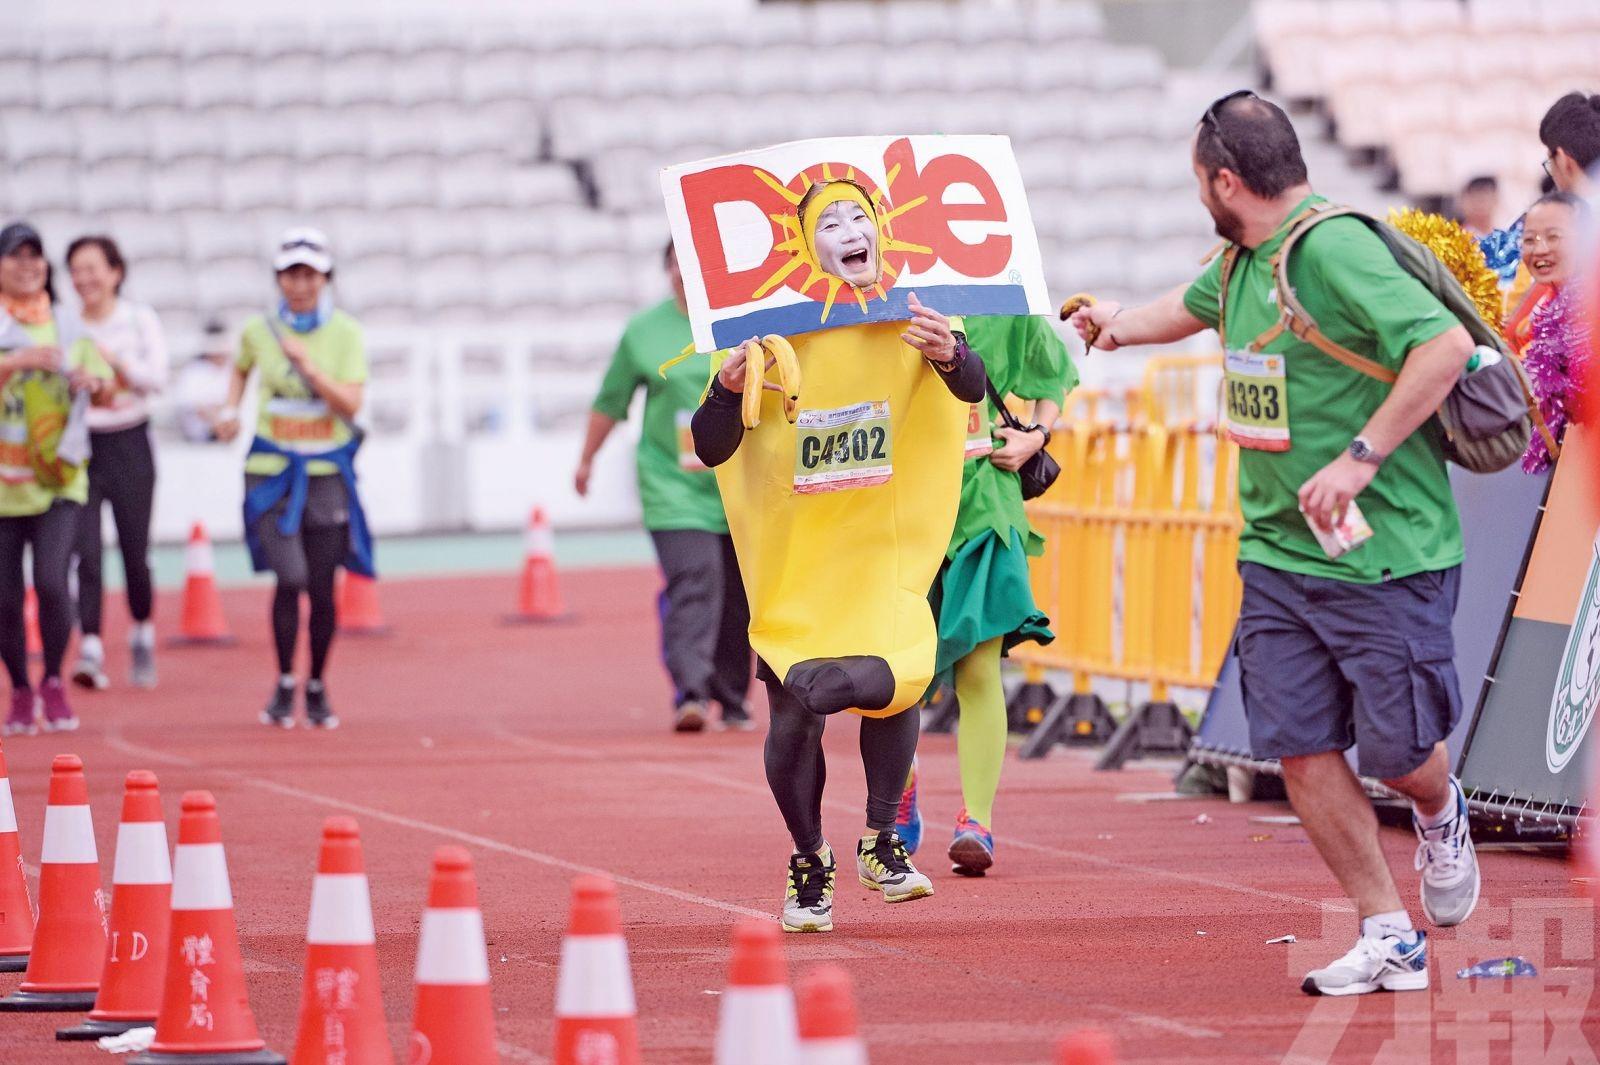 2019銀河娛樂澳門國際馬拉松